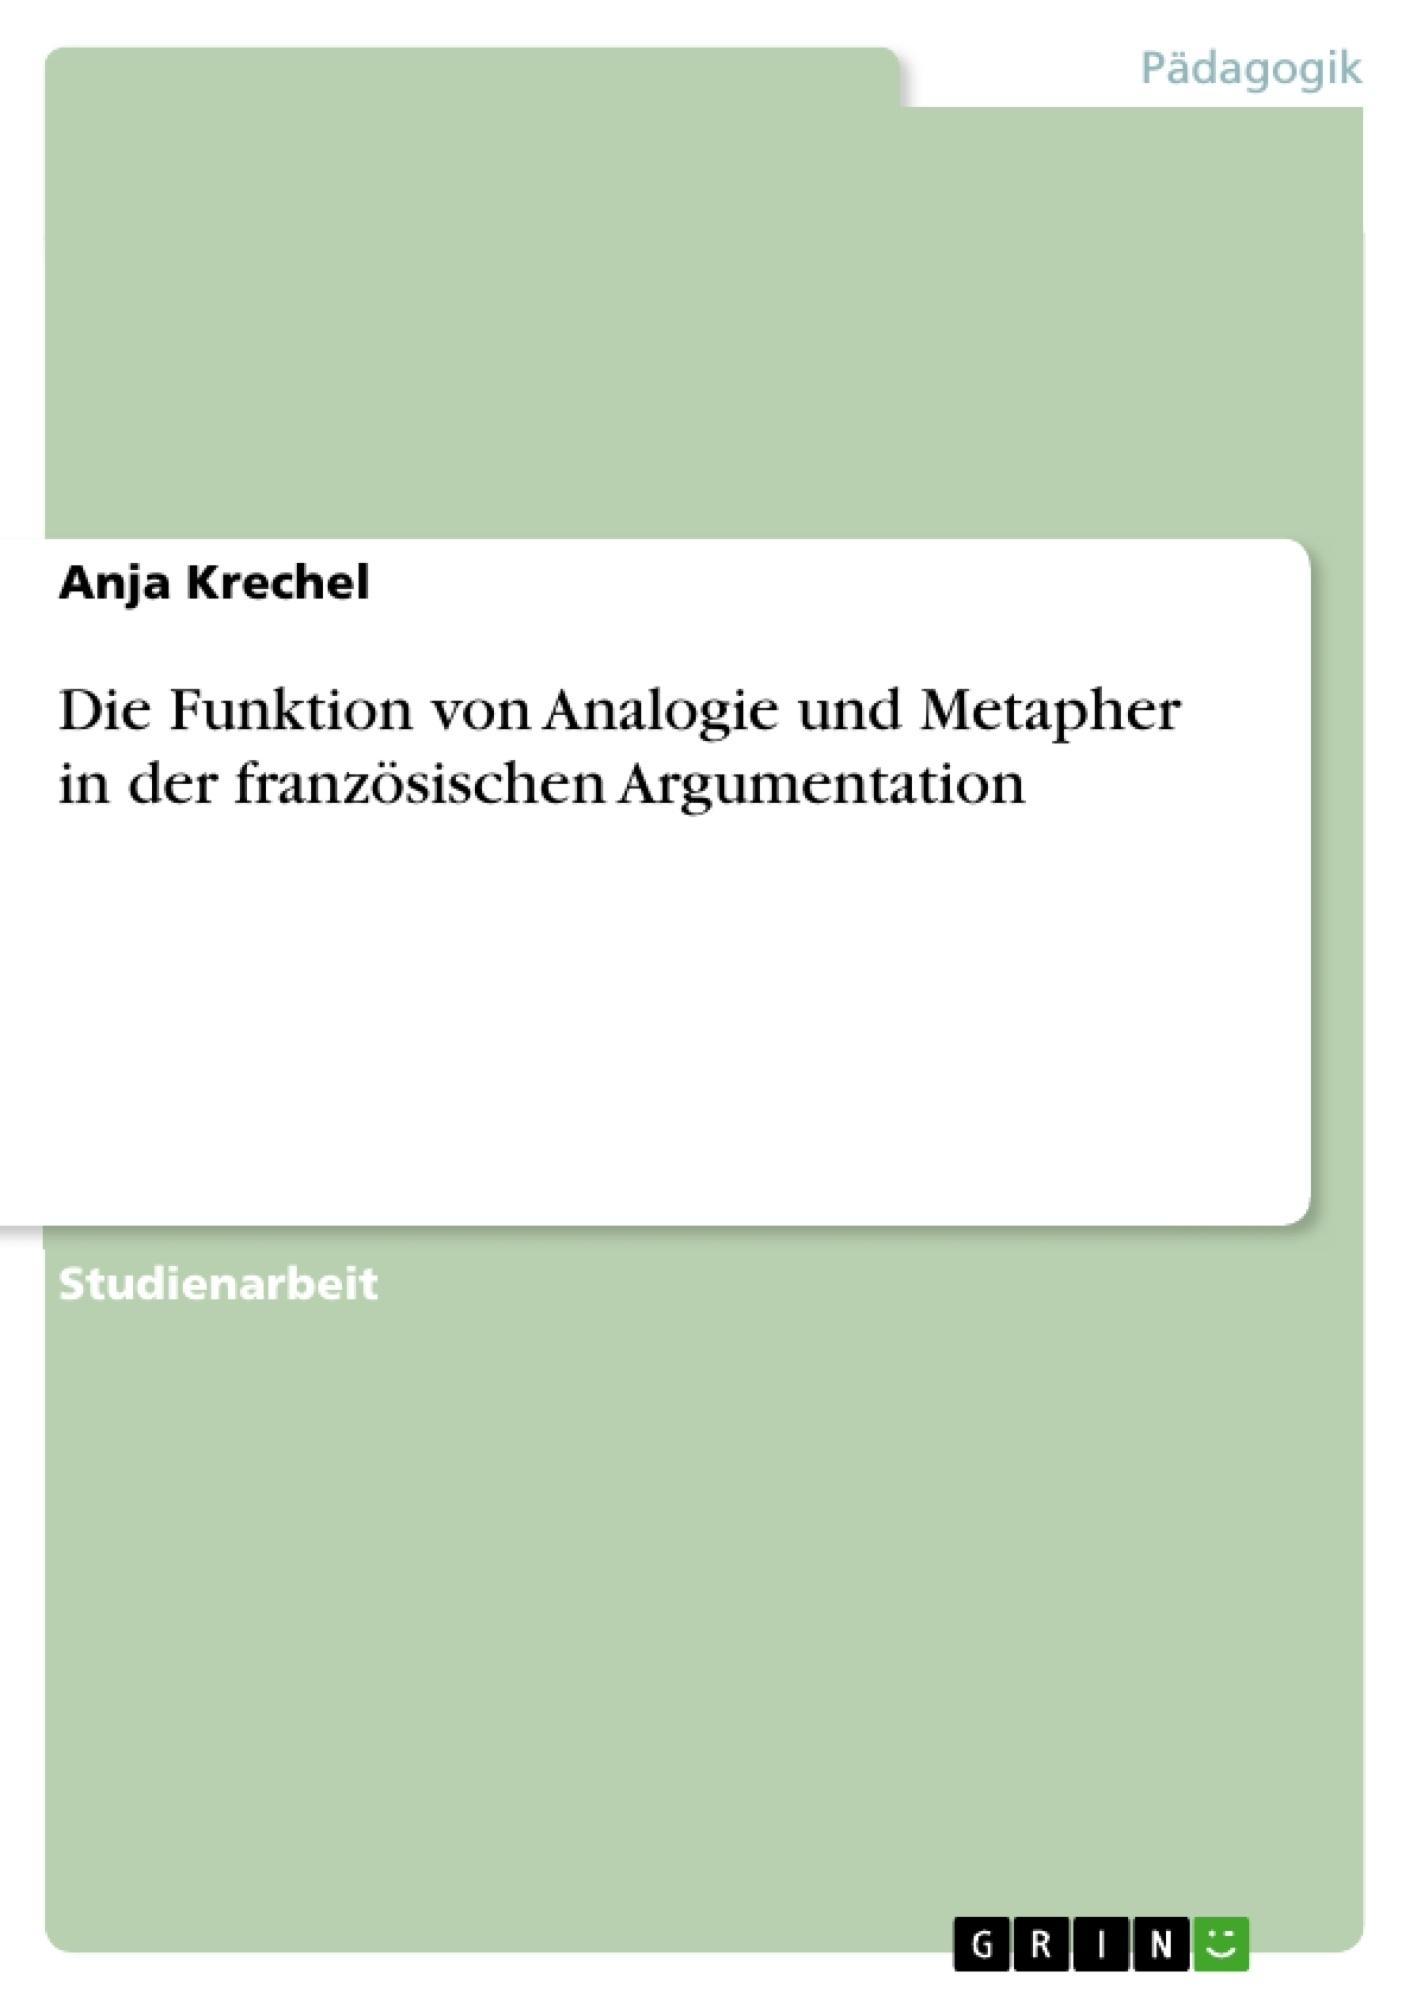 Titel: Die Funktion von Analogie und Metapher in der französischen Argumentation